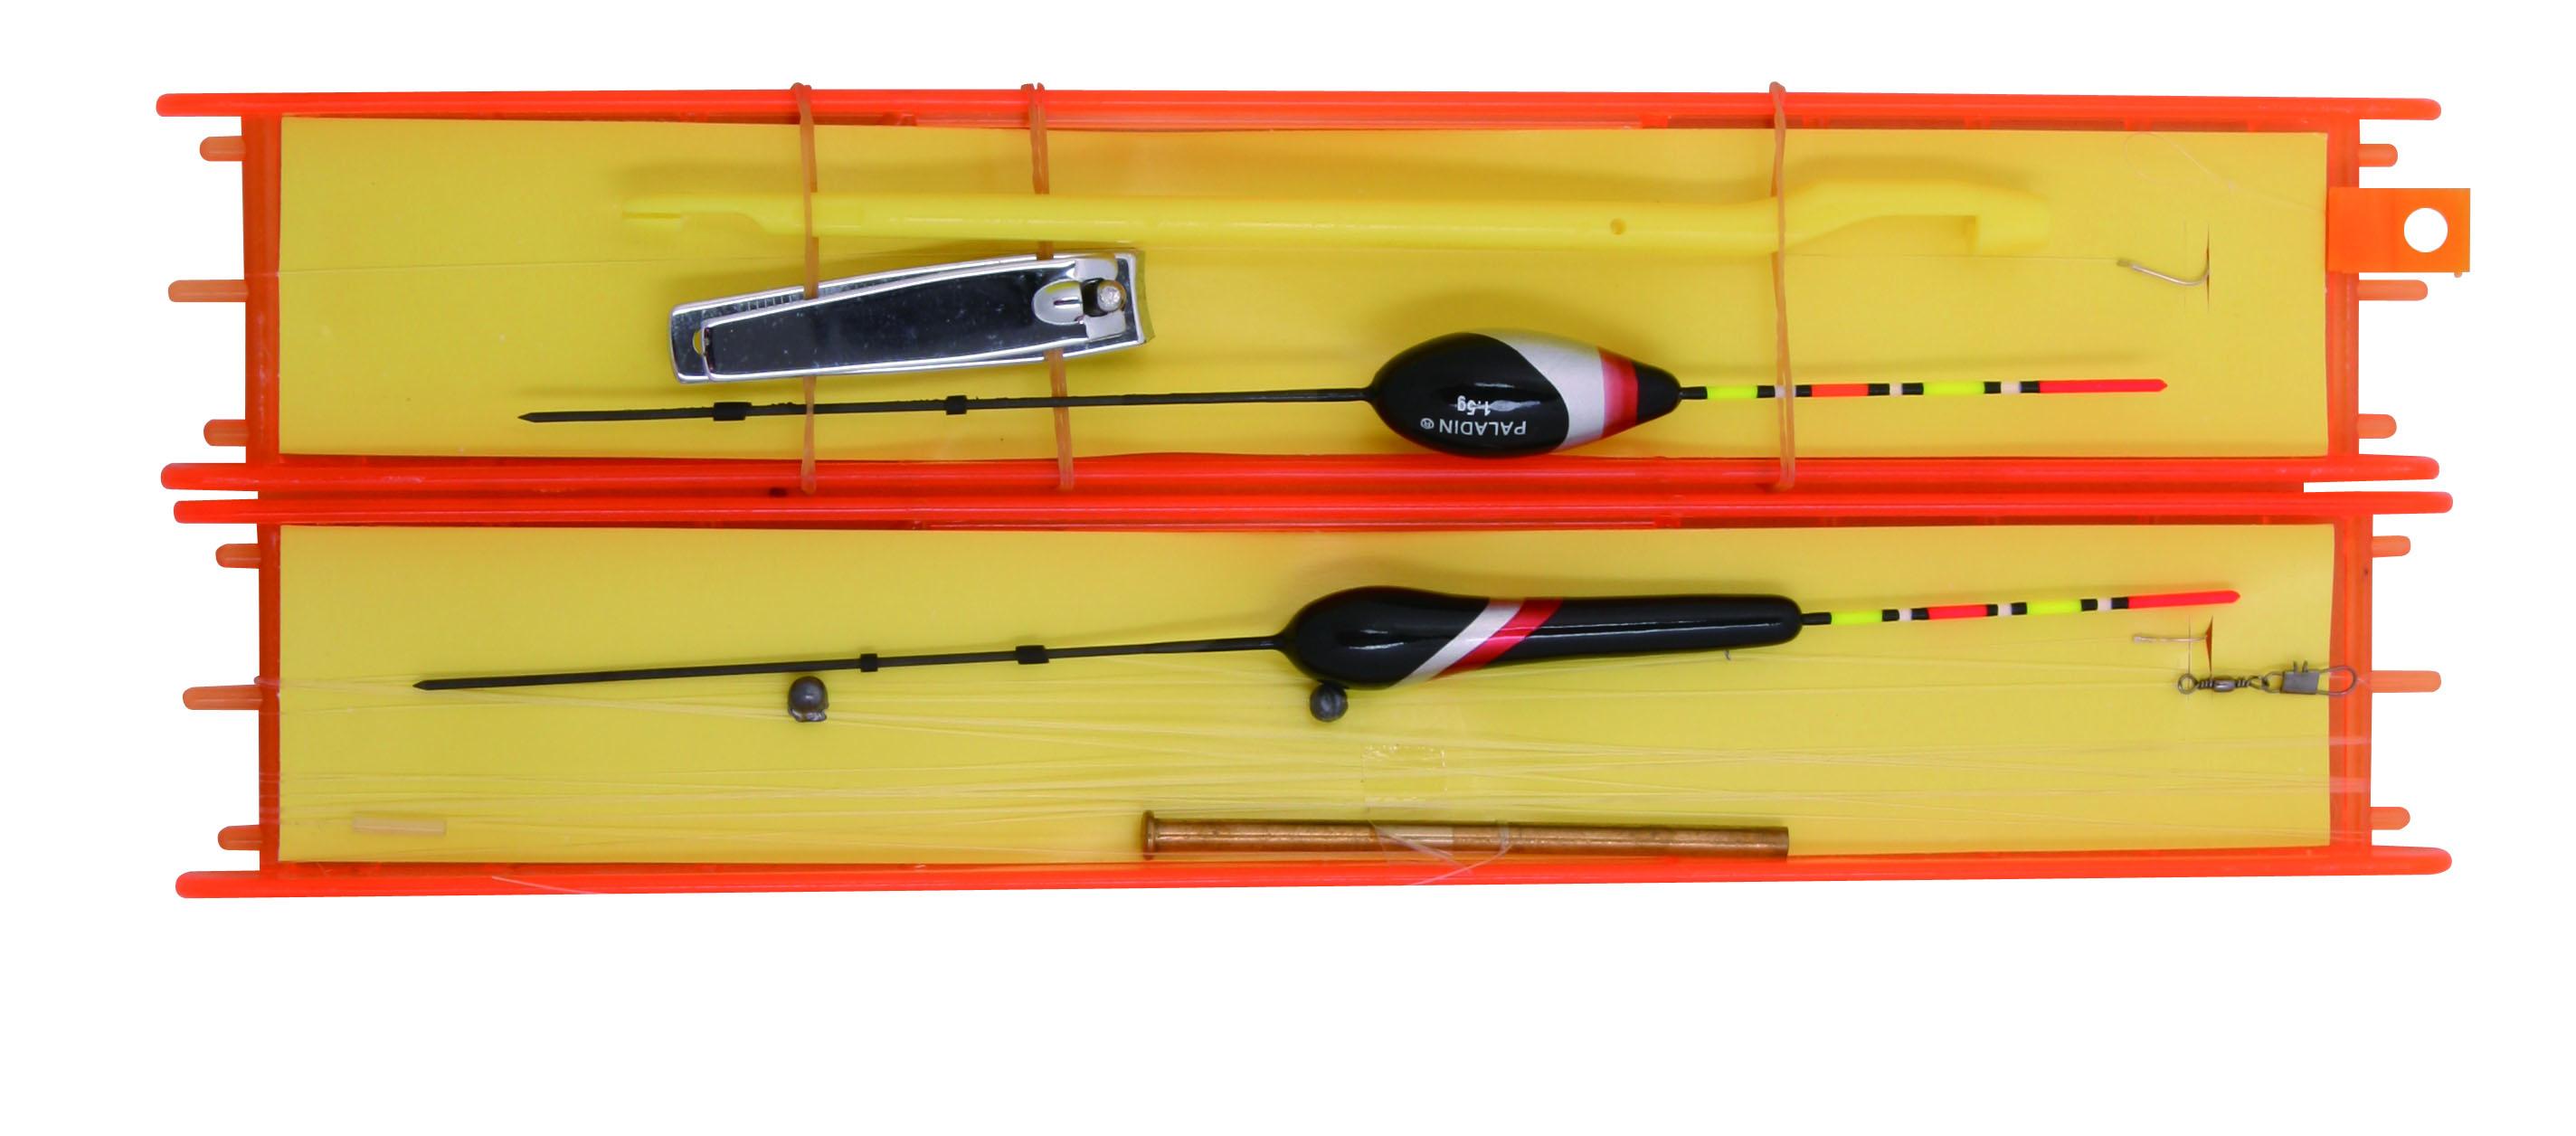 Ready2Go-Flotadores-Stippset-Meistersystem